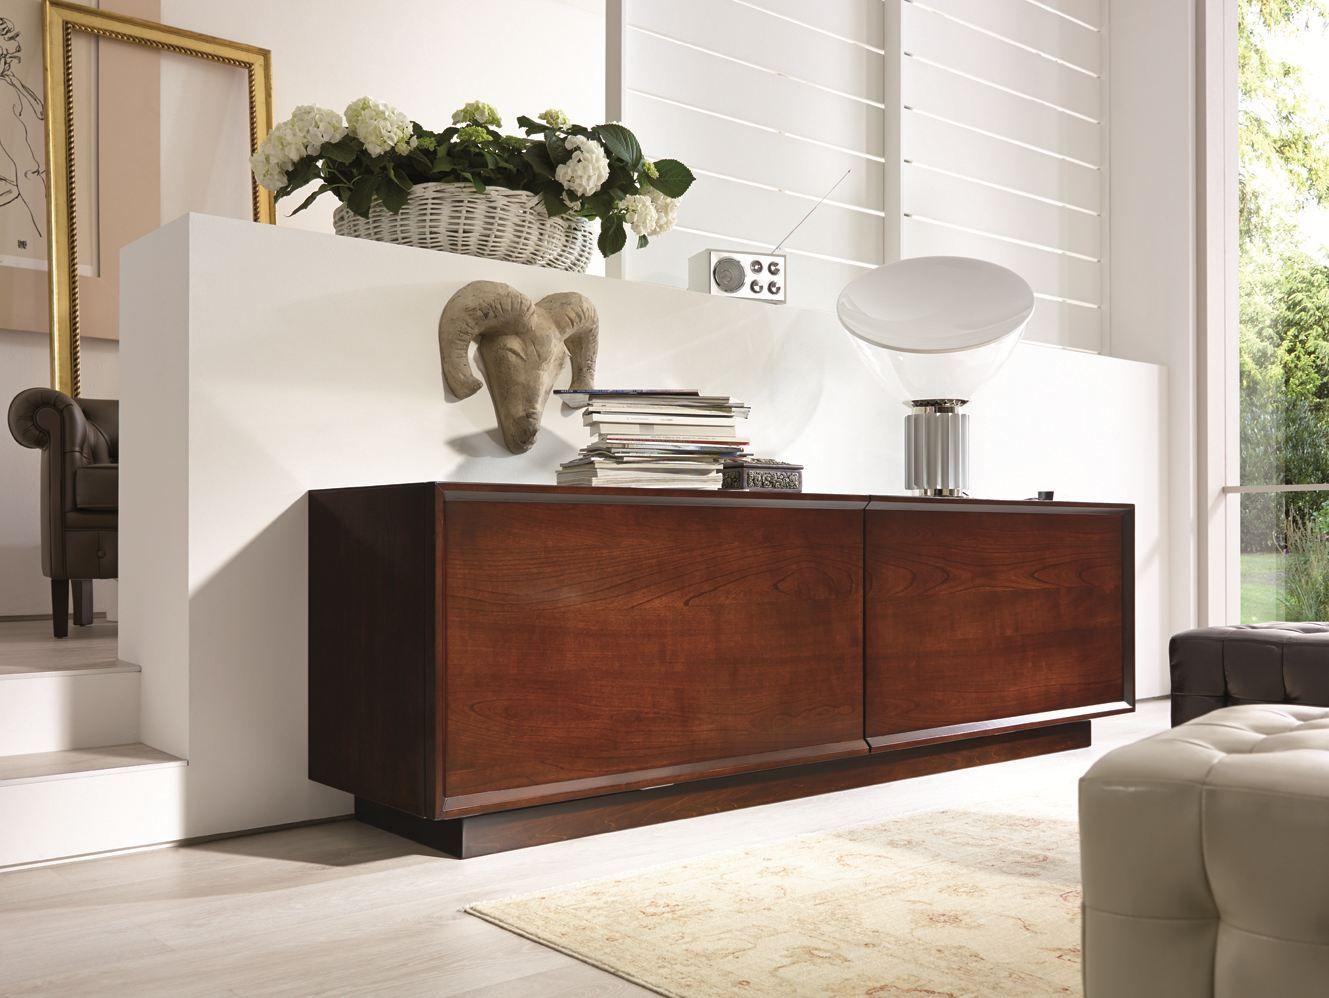 Wohnzimmer Tischleuchte: Wohnzimmer ROOMIDO. Tischleuchten klassisch ...